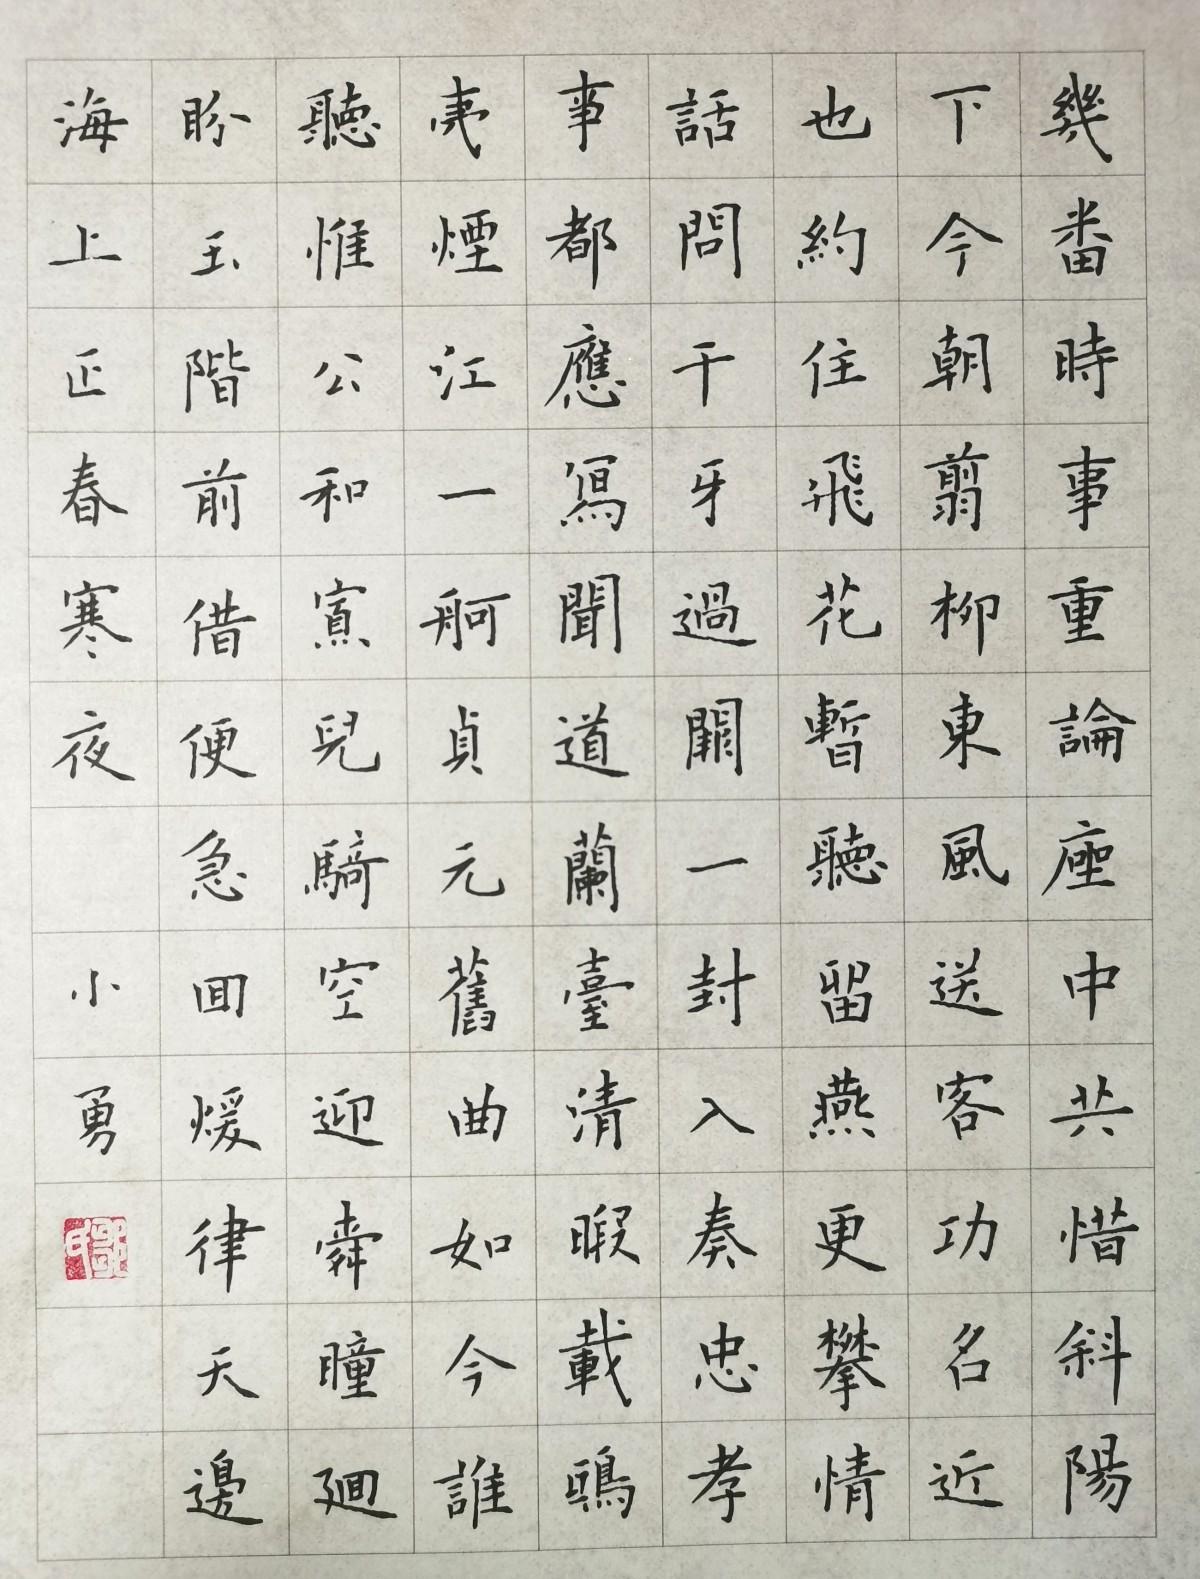 钢笔爱好者练字打卡20210126-12